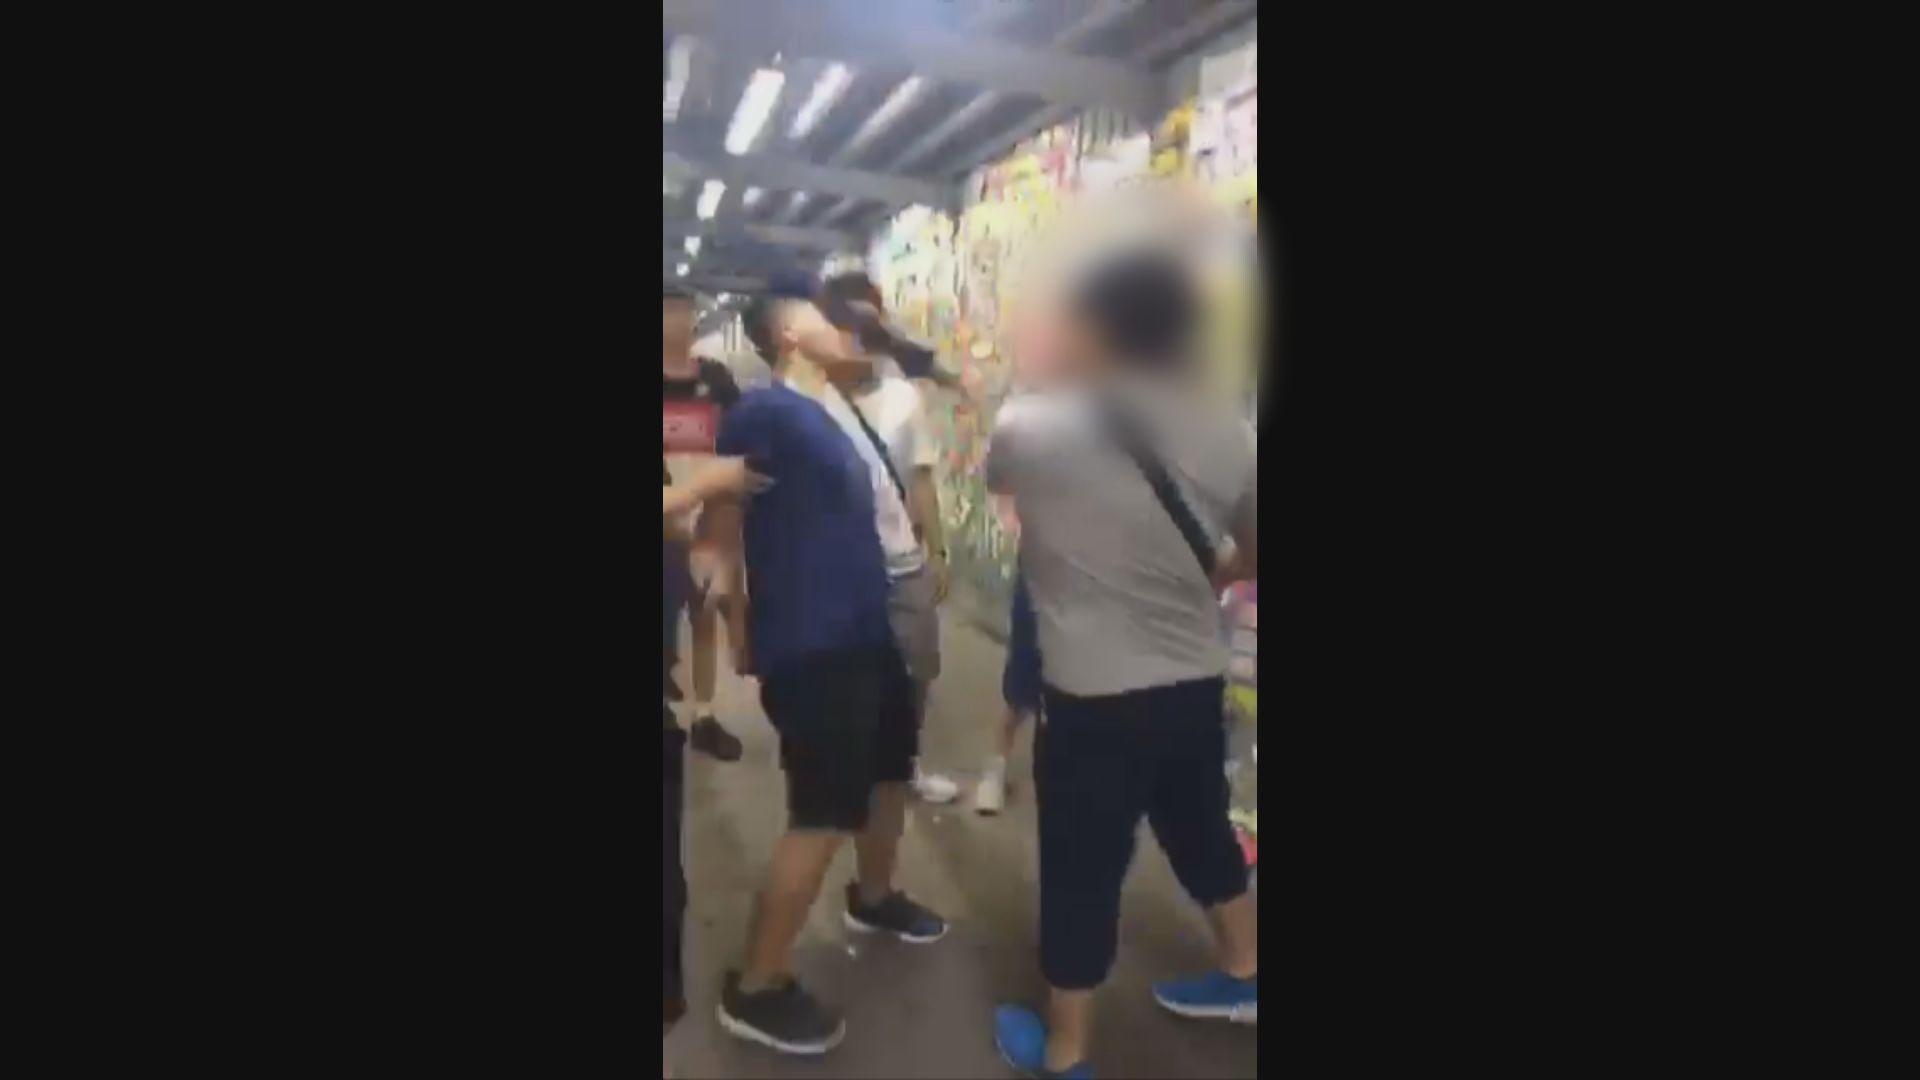 淘大「連儂牆」附近兩男遇襲 警拘一漢